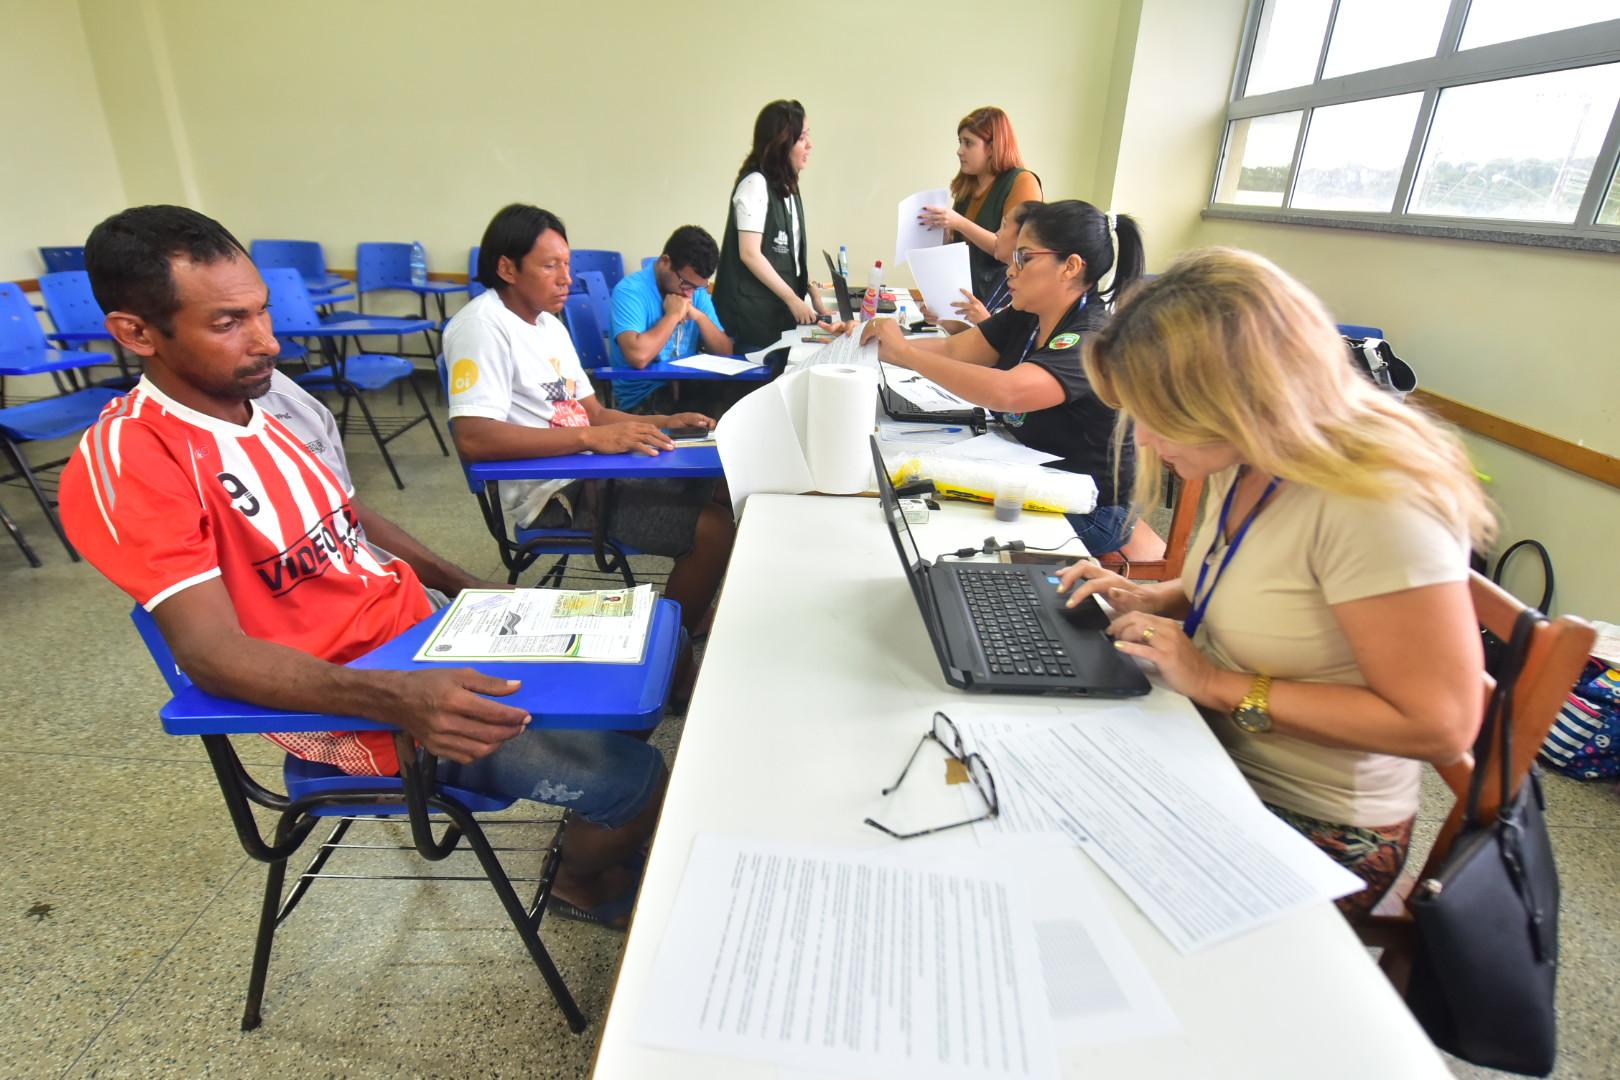 Governo do Estado identificou 457 imóveis e já formalizou 70 acordos de moradia, no Monte Horebe / Tácio Melo e Bruno Zanardo / SECOM